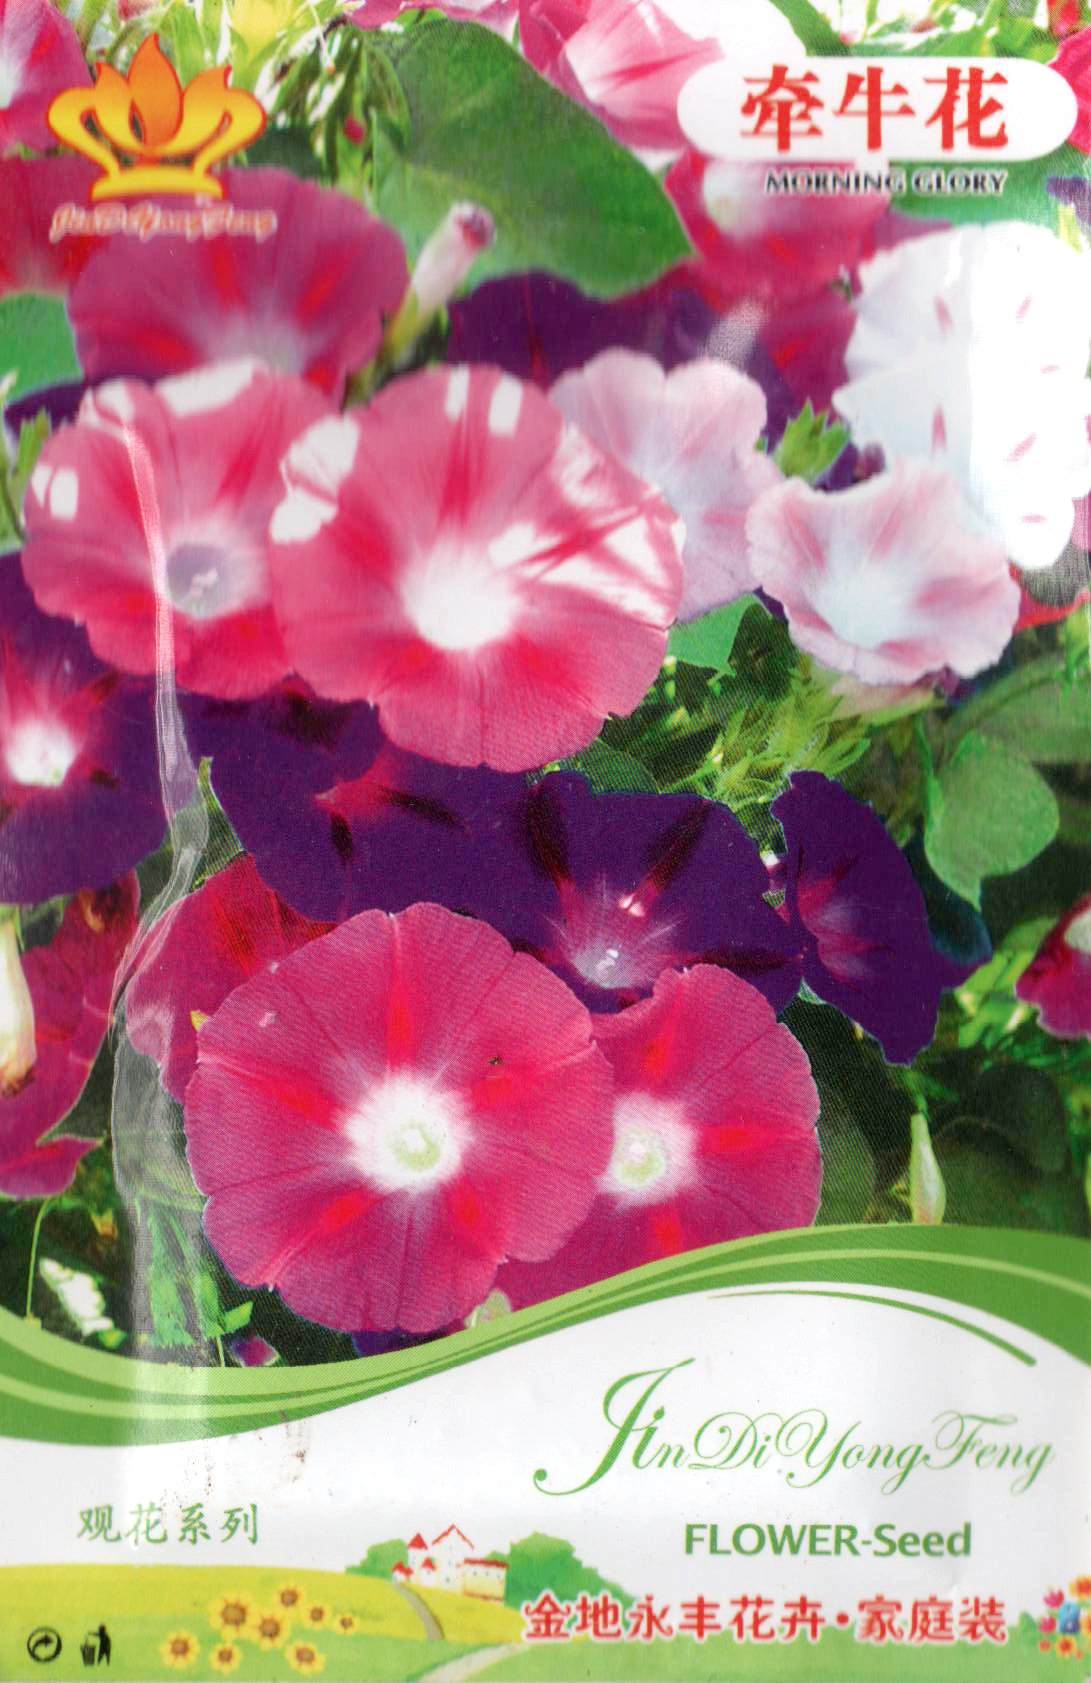 河南花种批发 一串红、万寿菊、牵牛花花种批发